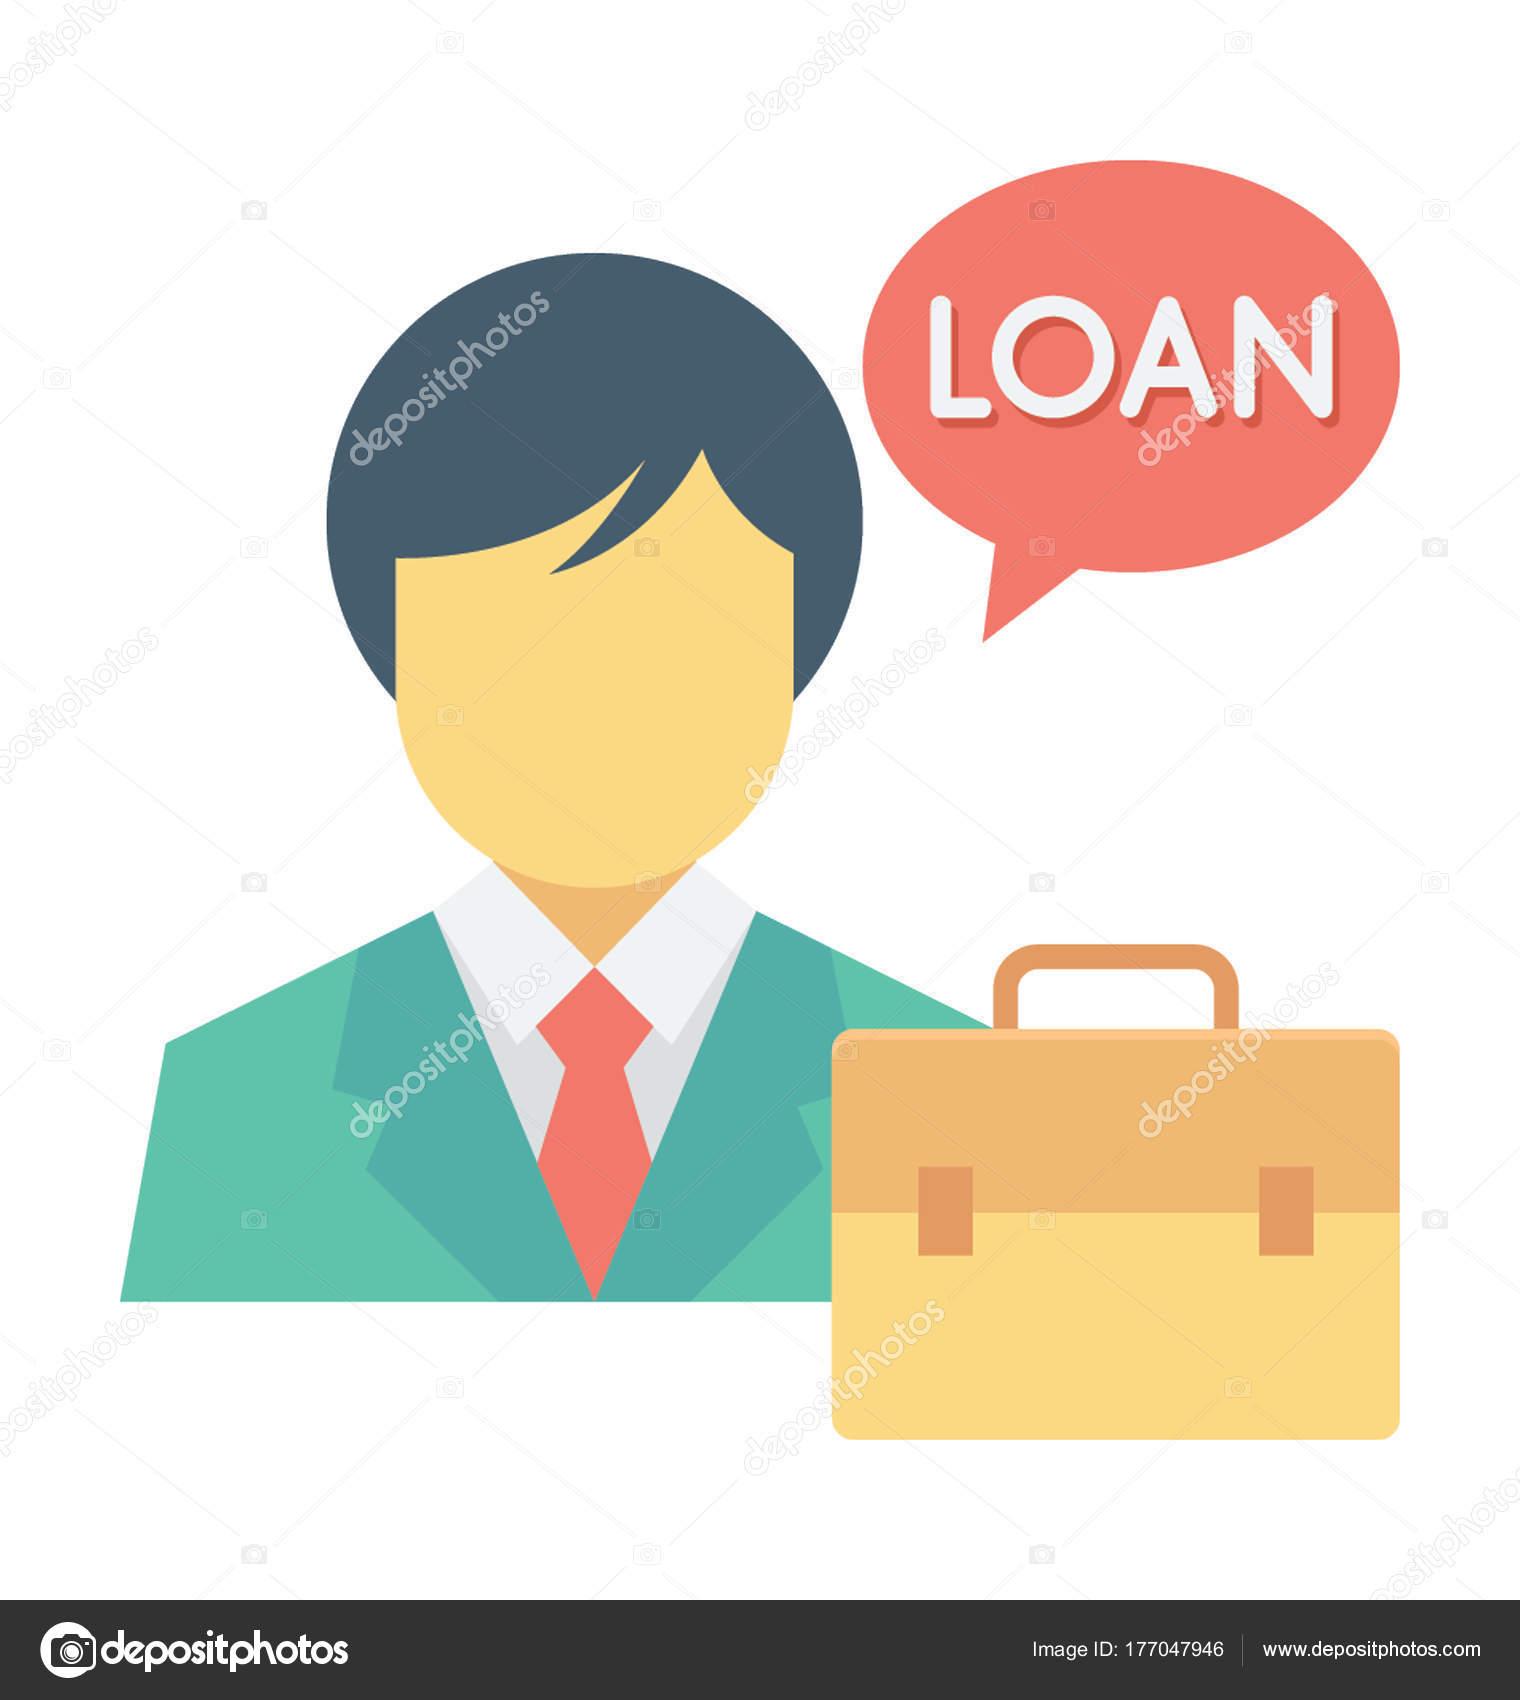 brian business hudson officer loan vice senior valley lending commercial president ratynski office consultants headshot